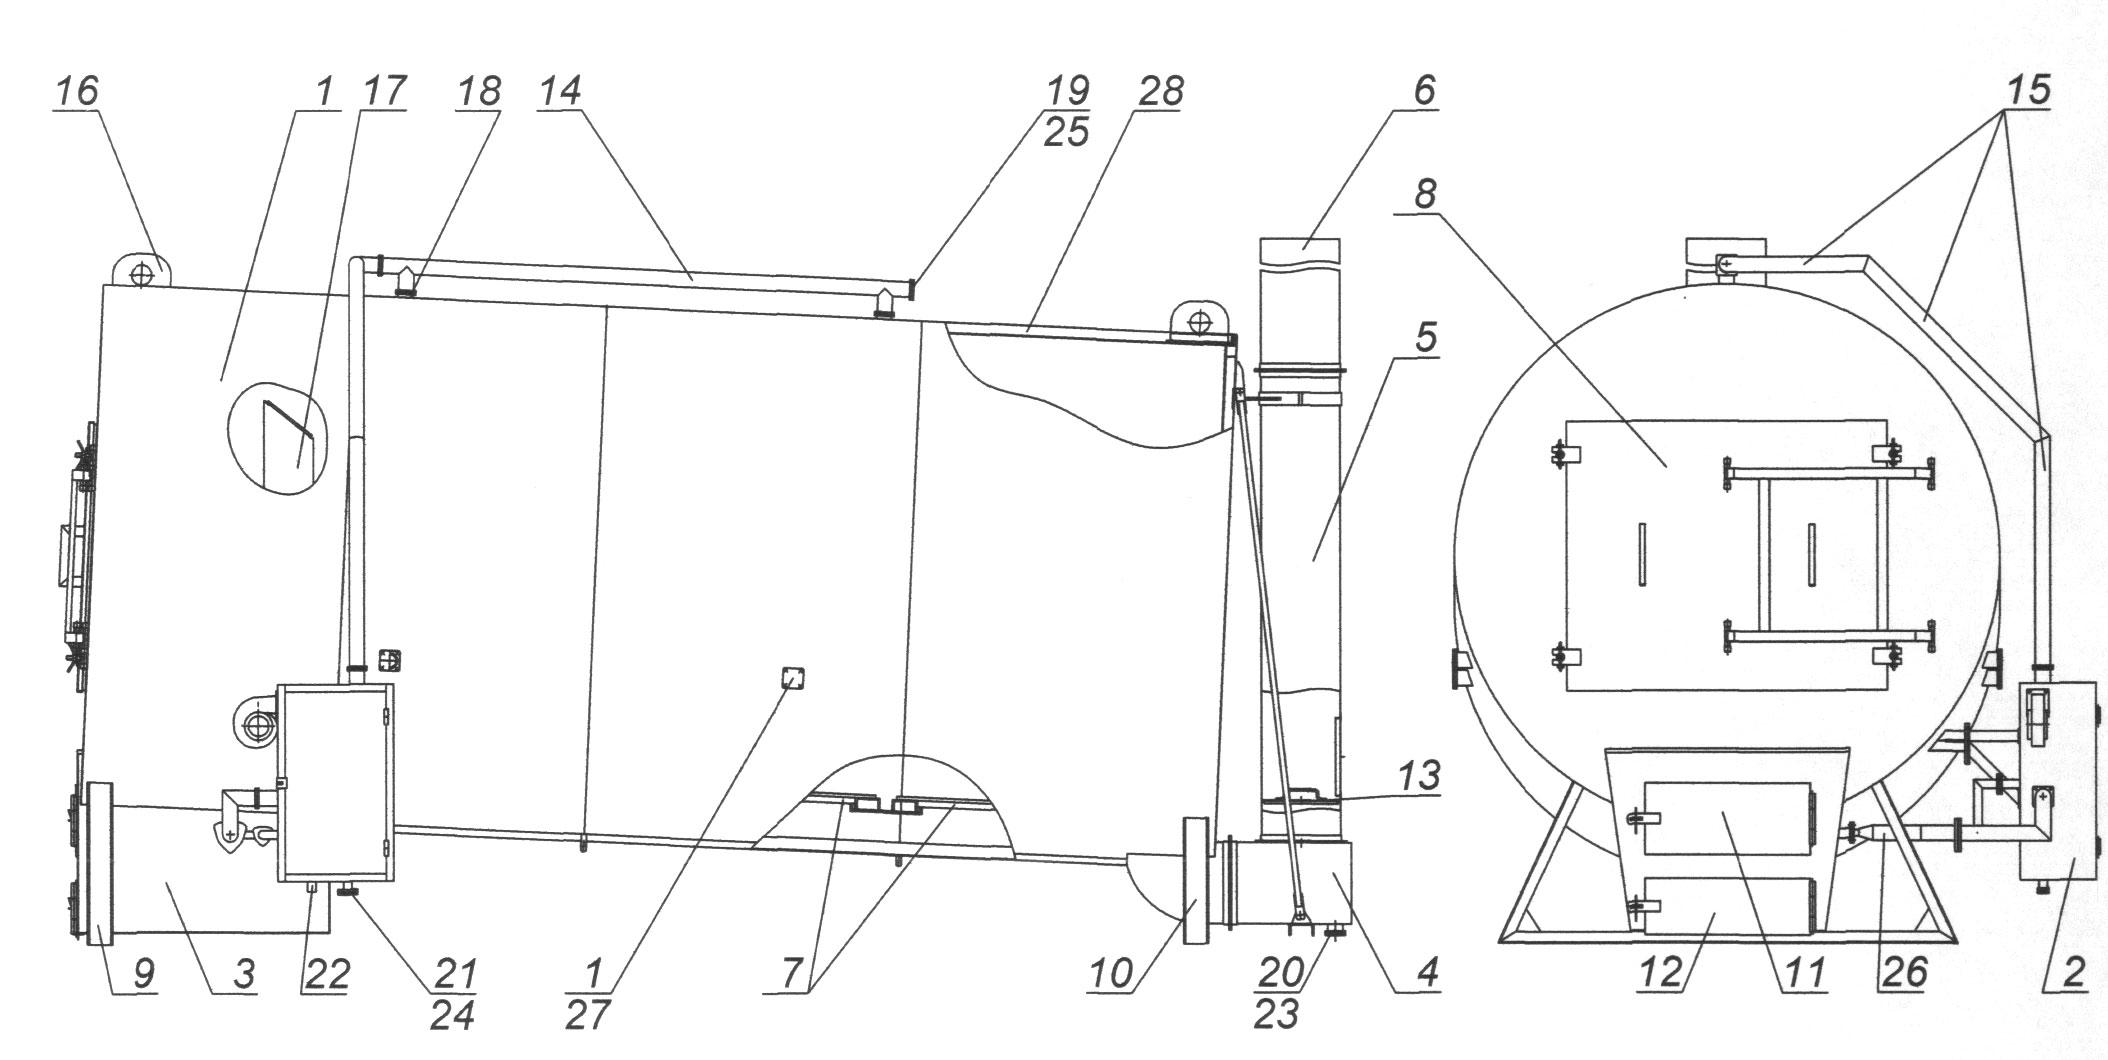 горизонтальная пиролизная печь схема принципиальная